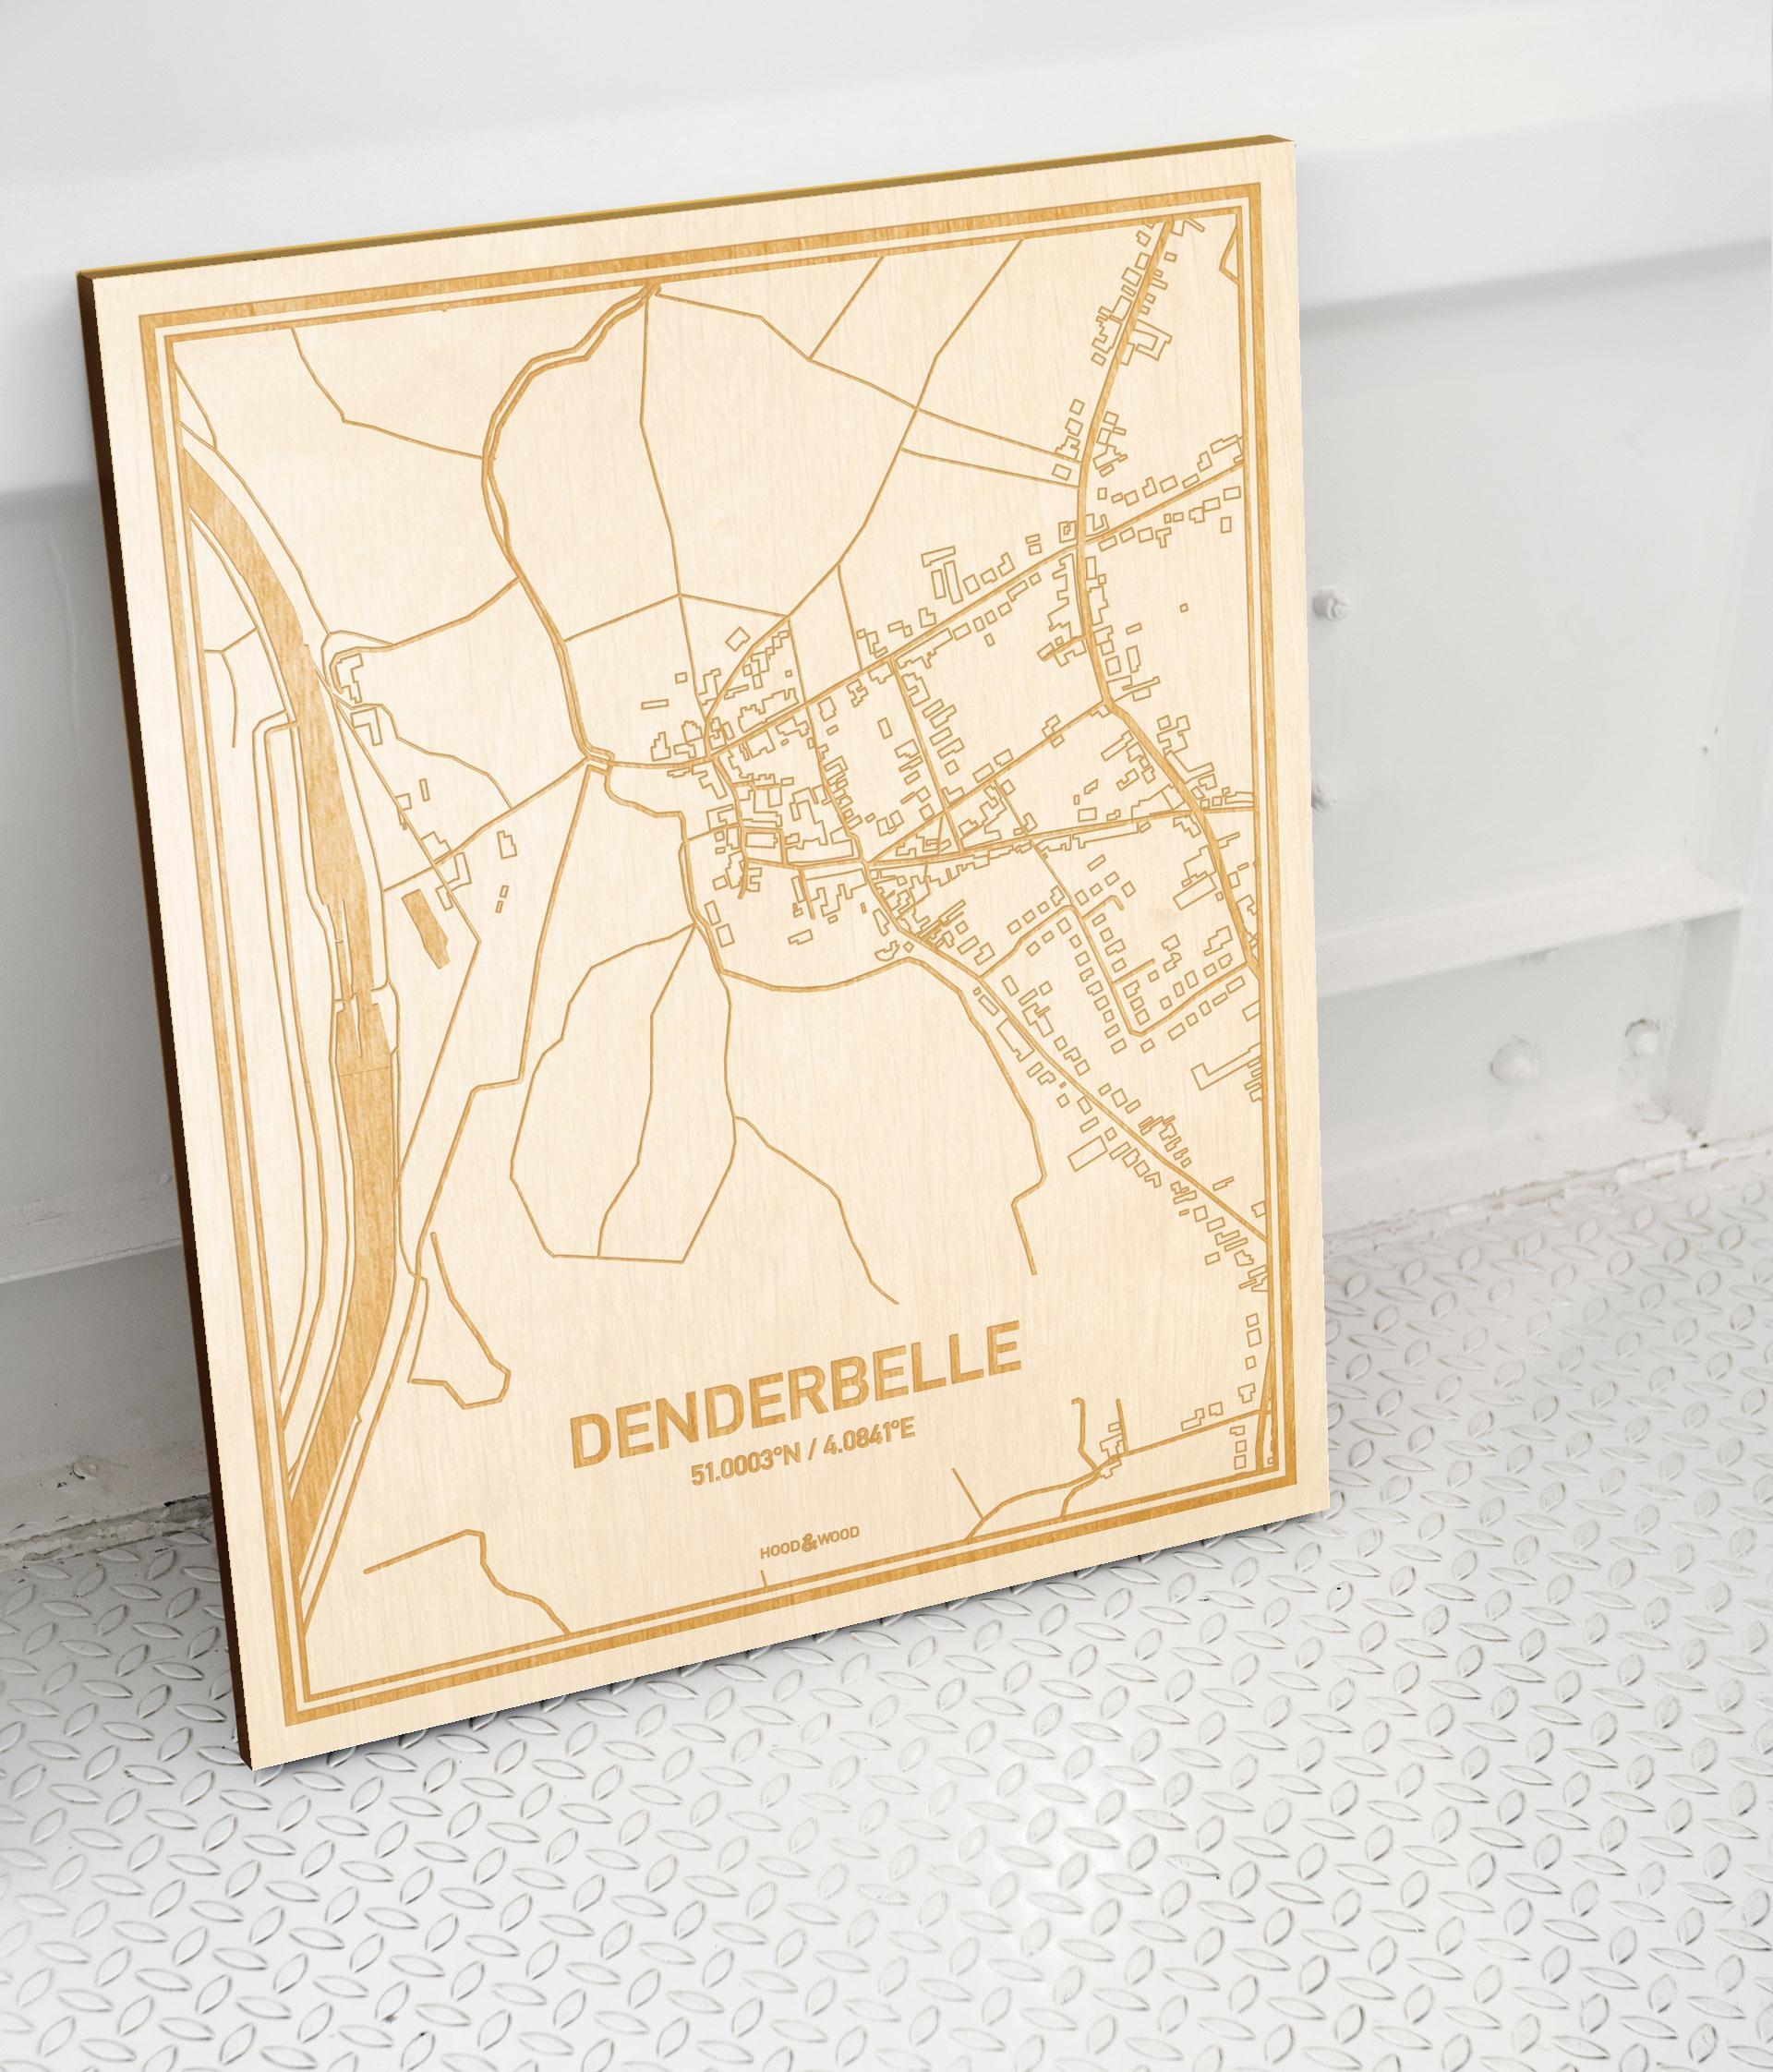 Plattegrond Denderbelle als prachtige houten wanddecoratie. Het warme hout contrasteert mooi met de witte muur.